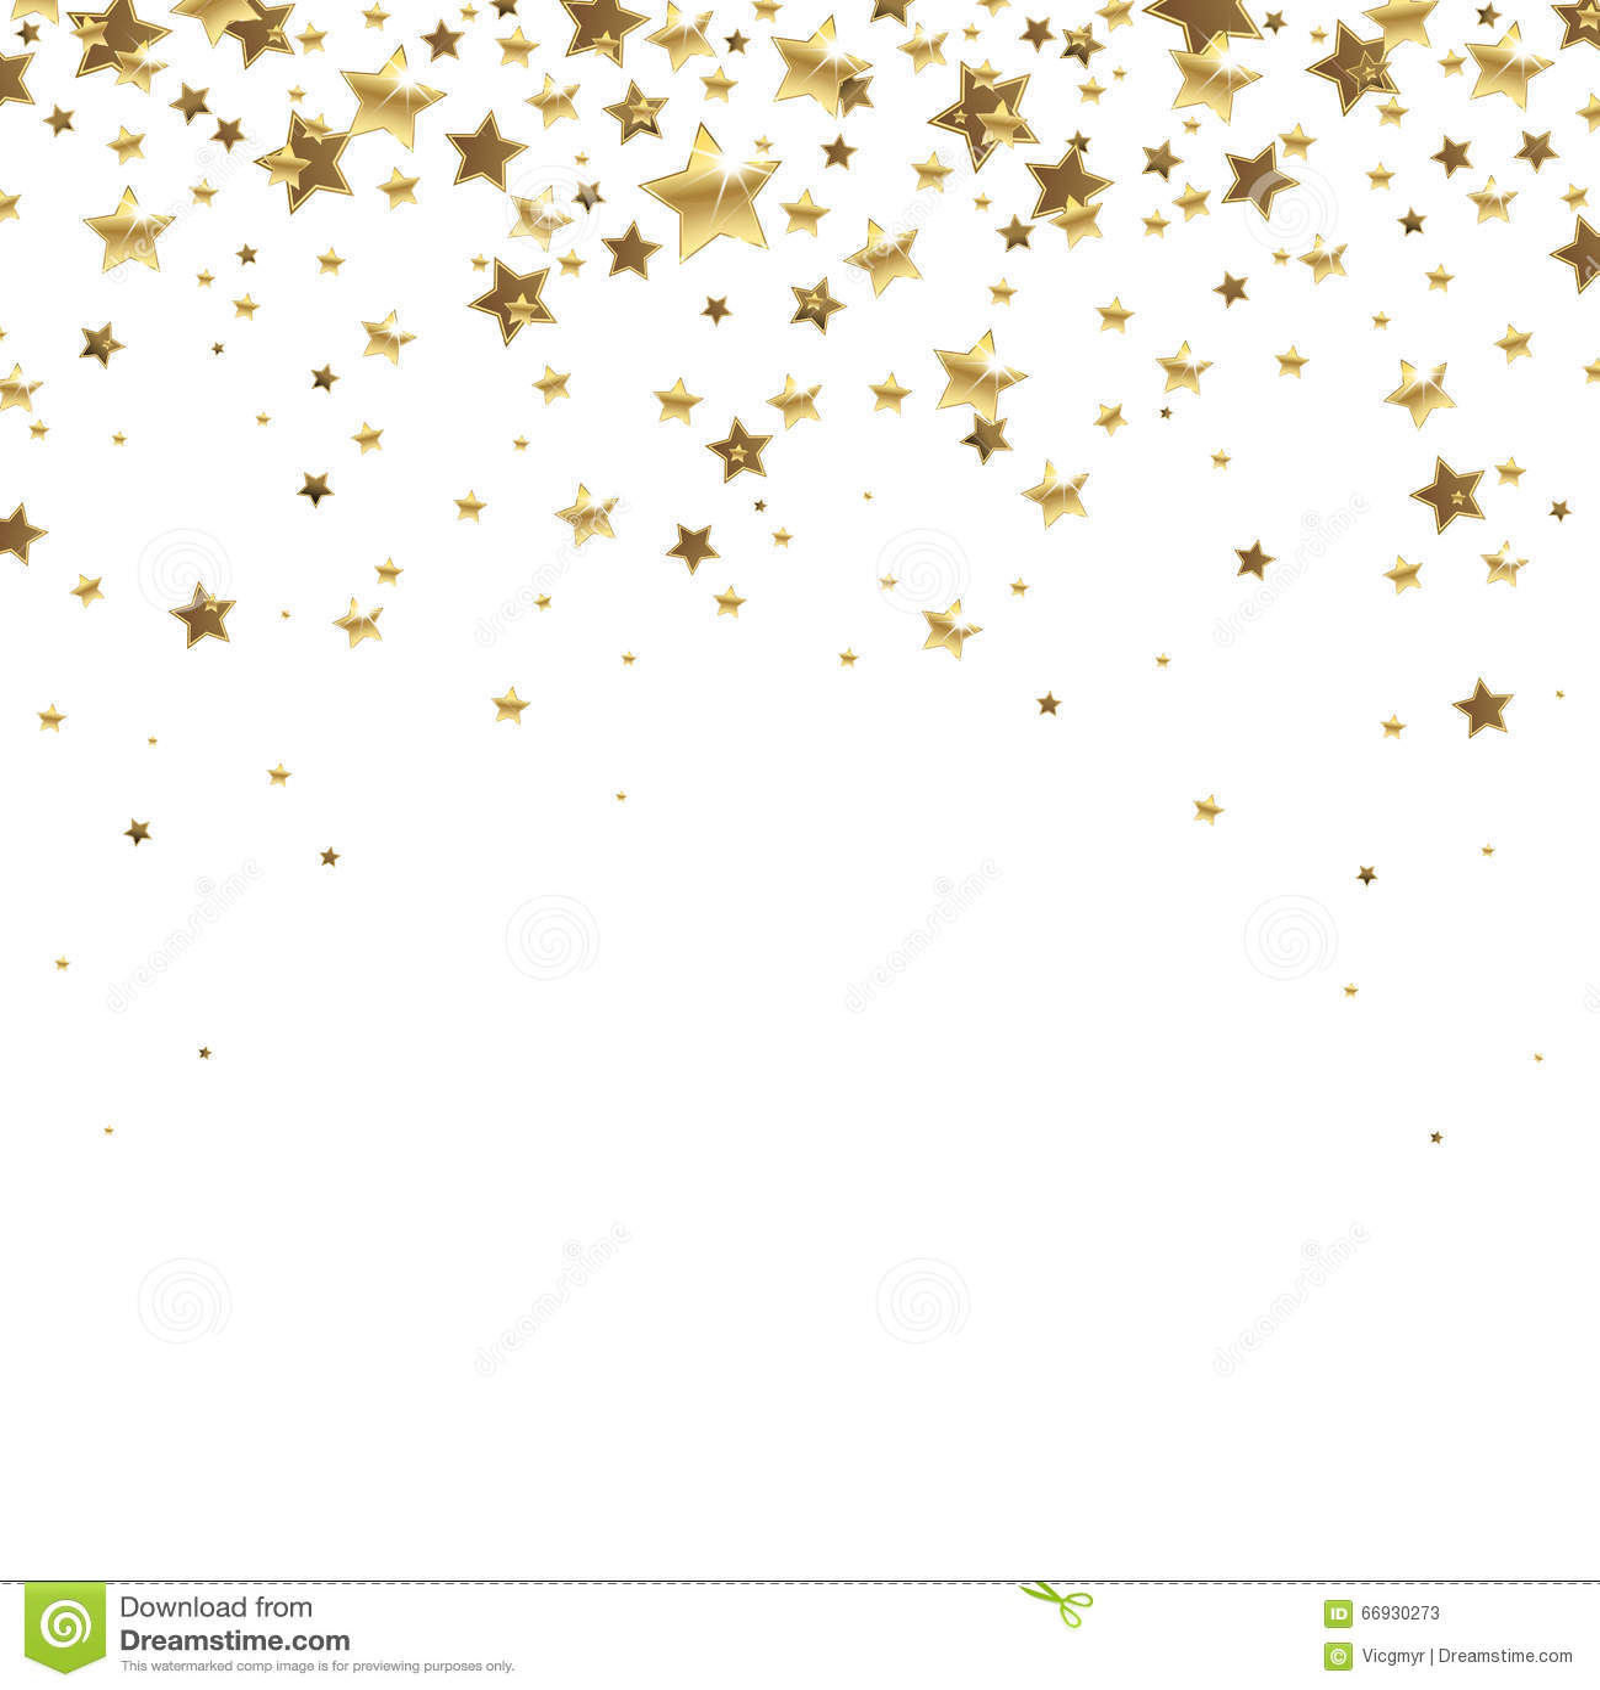 Falling Glitter Wallpaper Falling Golden Stars Stock Vector Image 66930273